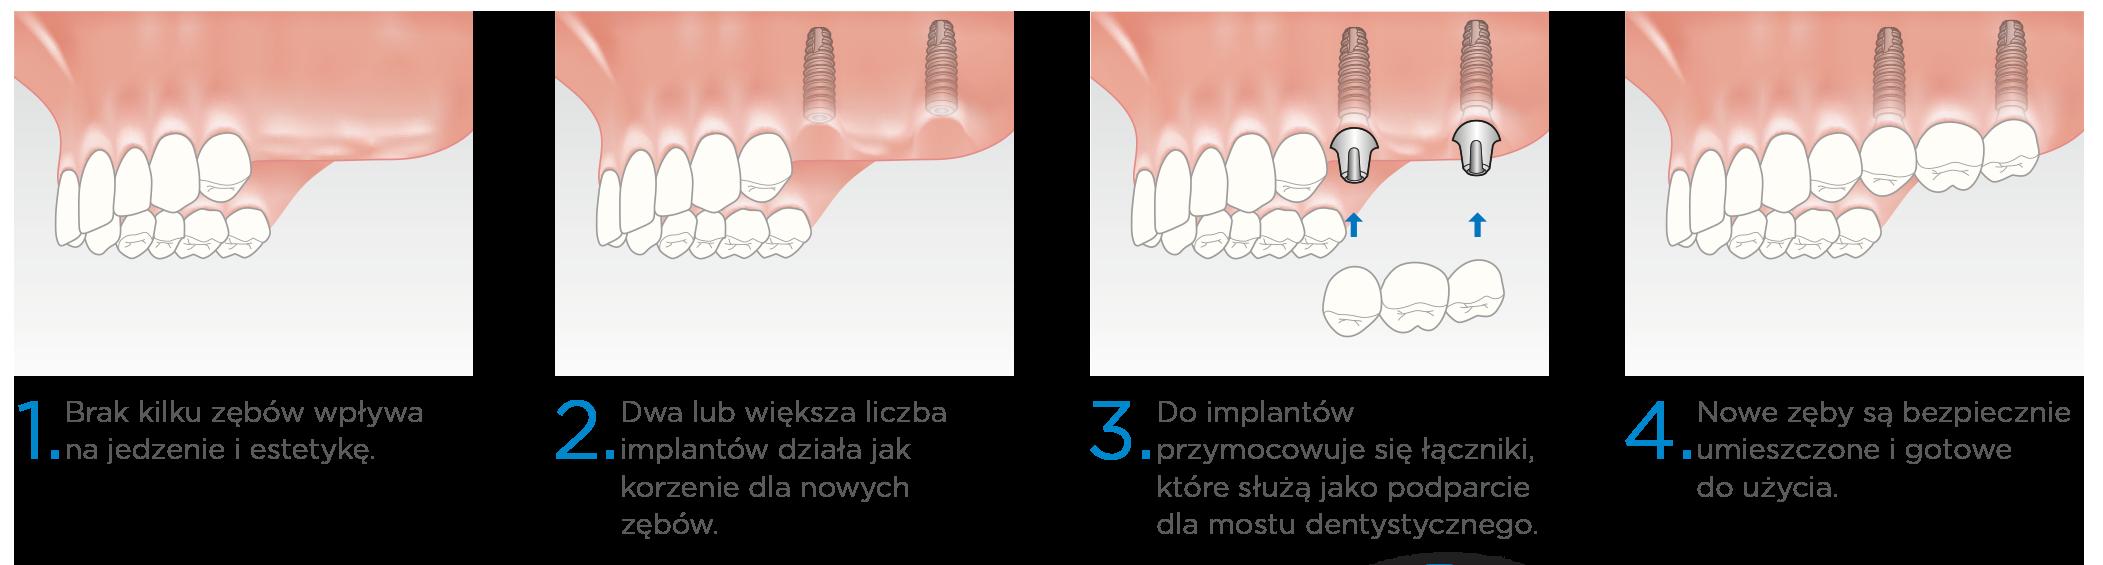 Prime Dental Implanty Kilka Zebow